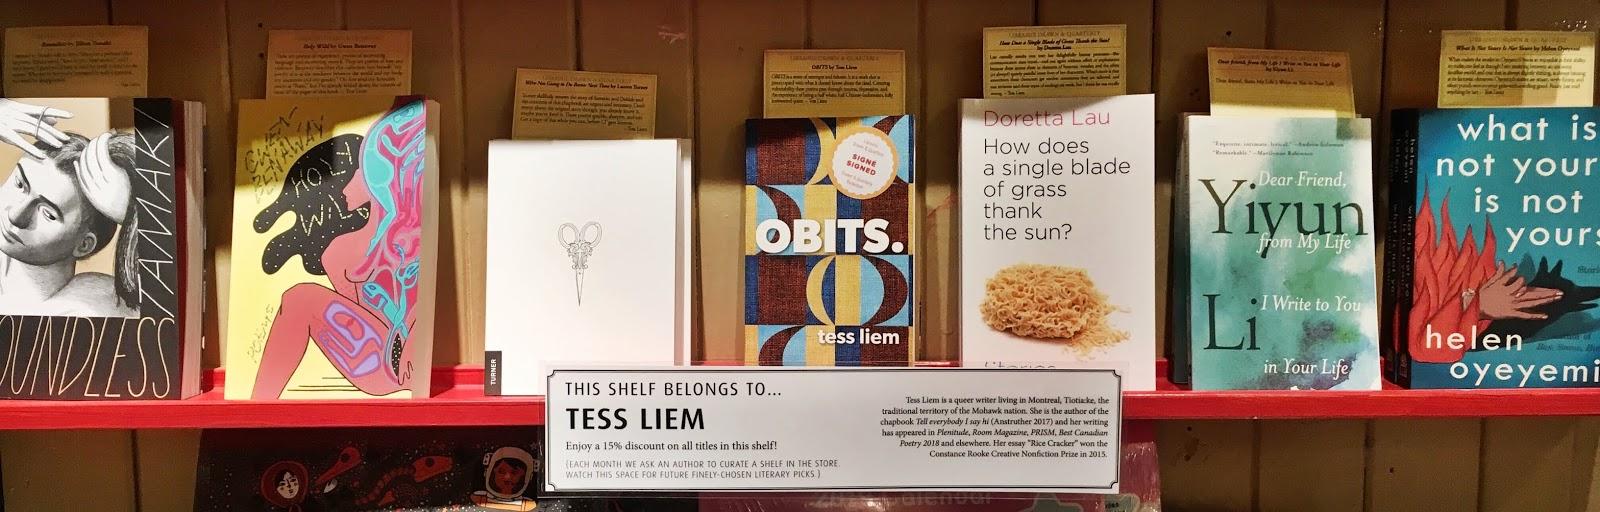 211 Bernard: This shelf belongs to   Tess Liem!